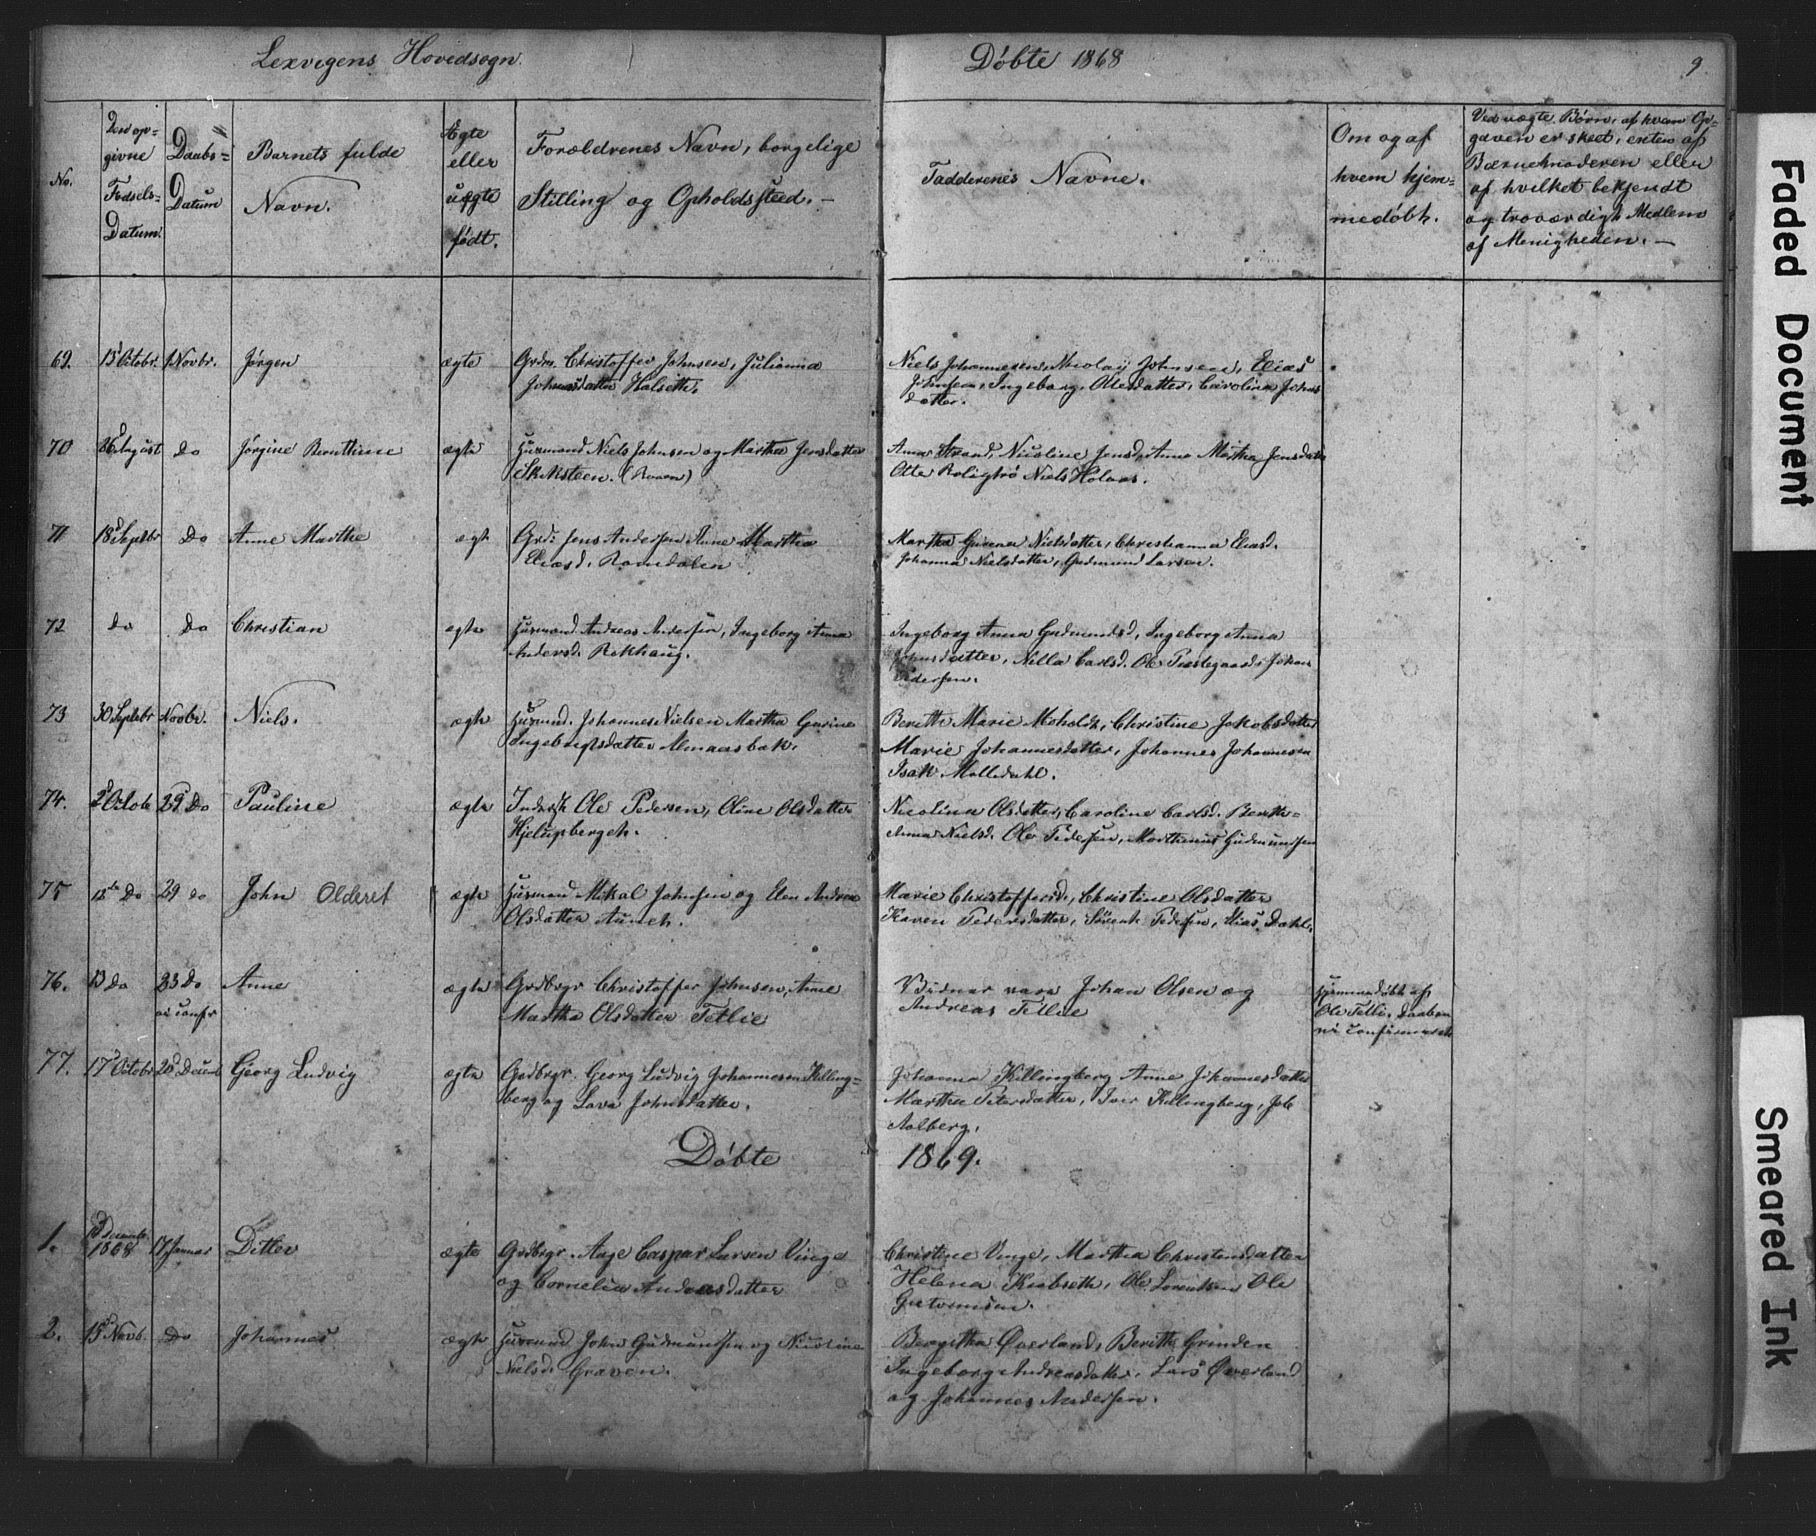 SAT, Ministerialprotokoller, klokkerbøker og fødselsregistre - Nord-Trøndelag, 701/L0018: Klokkerbok nr. 701C02, 1868-1872, s. 9